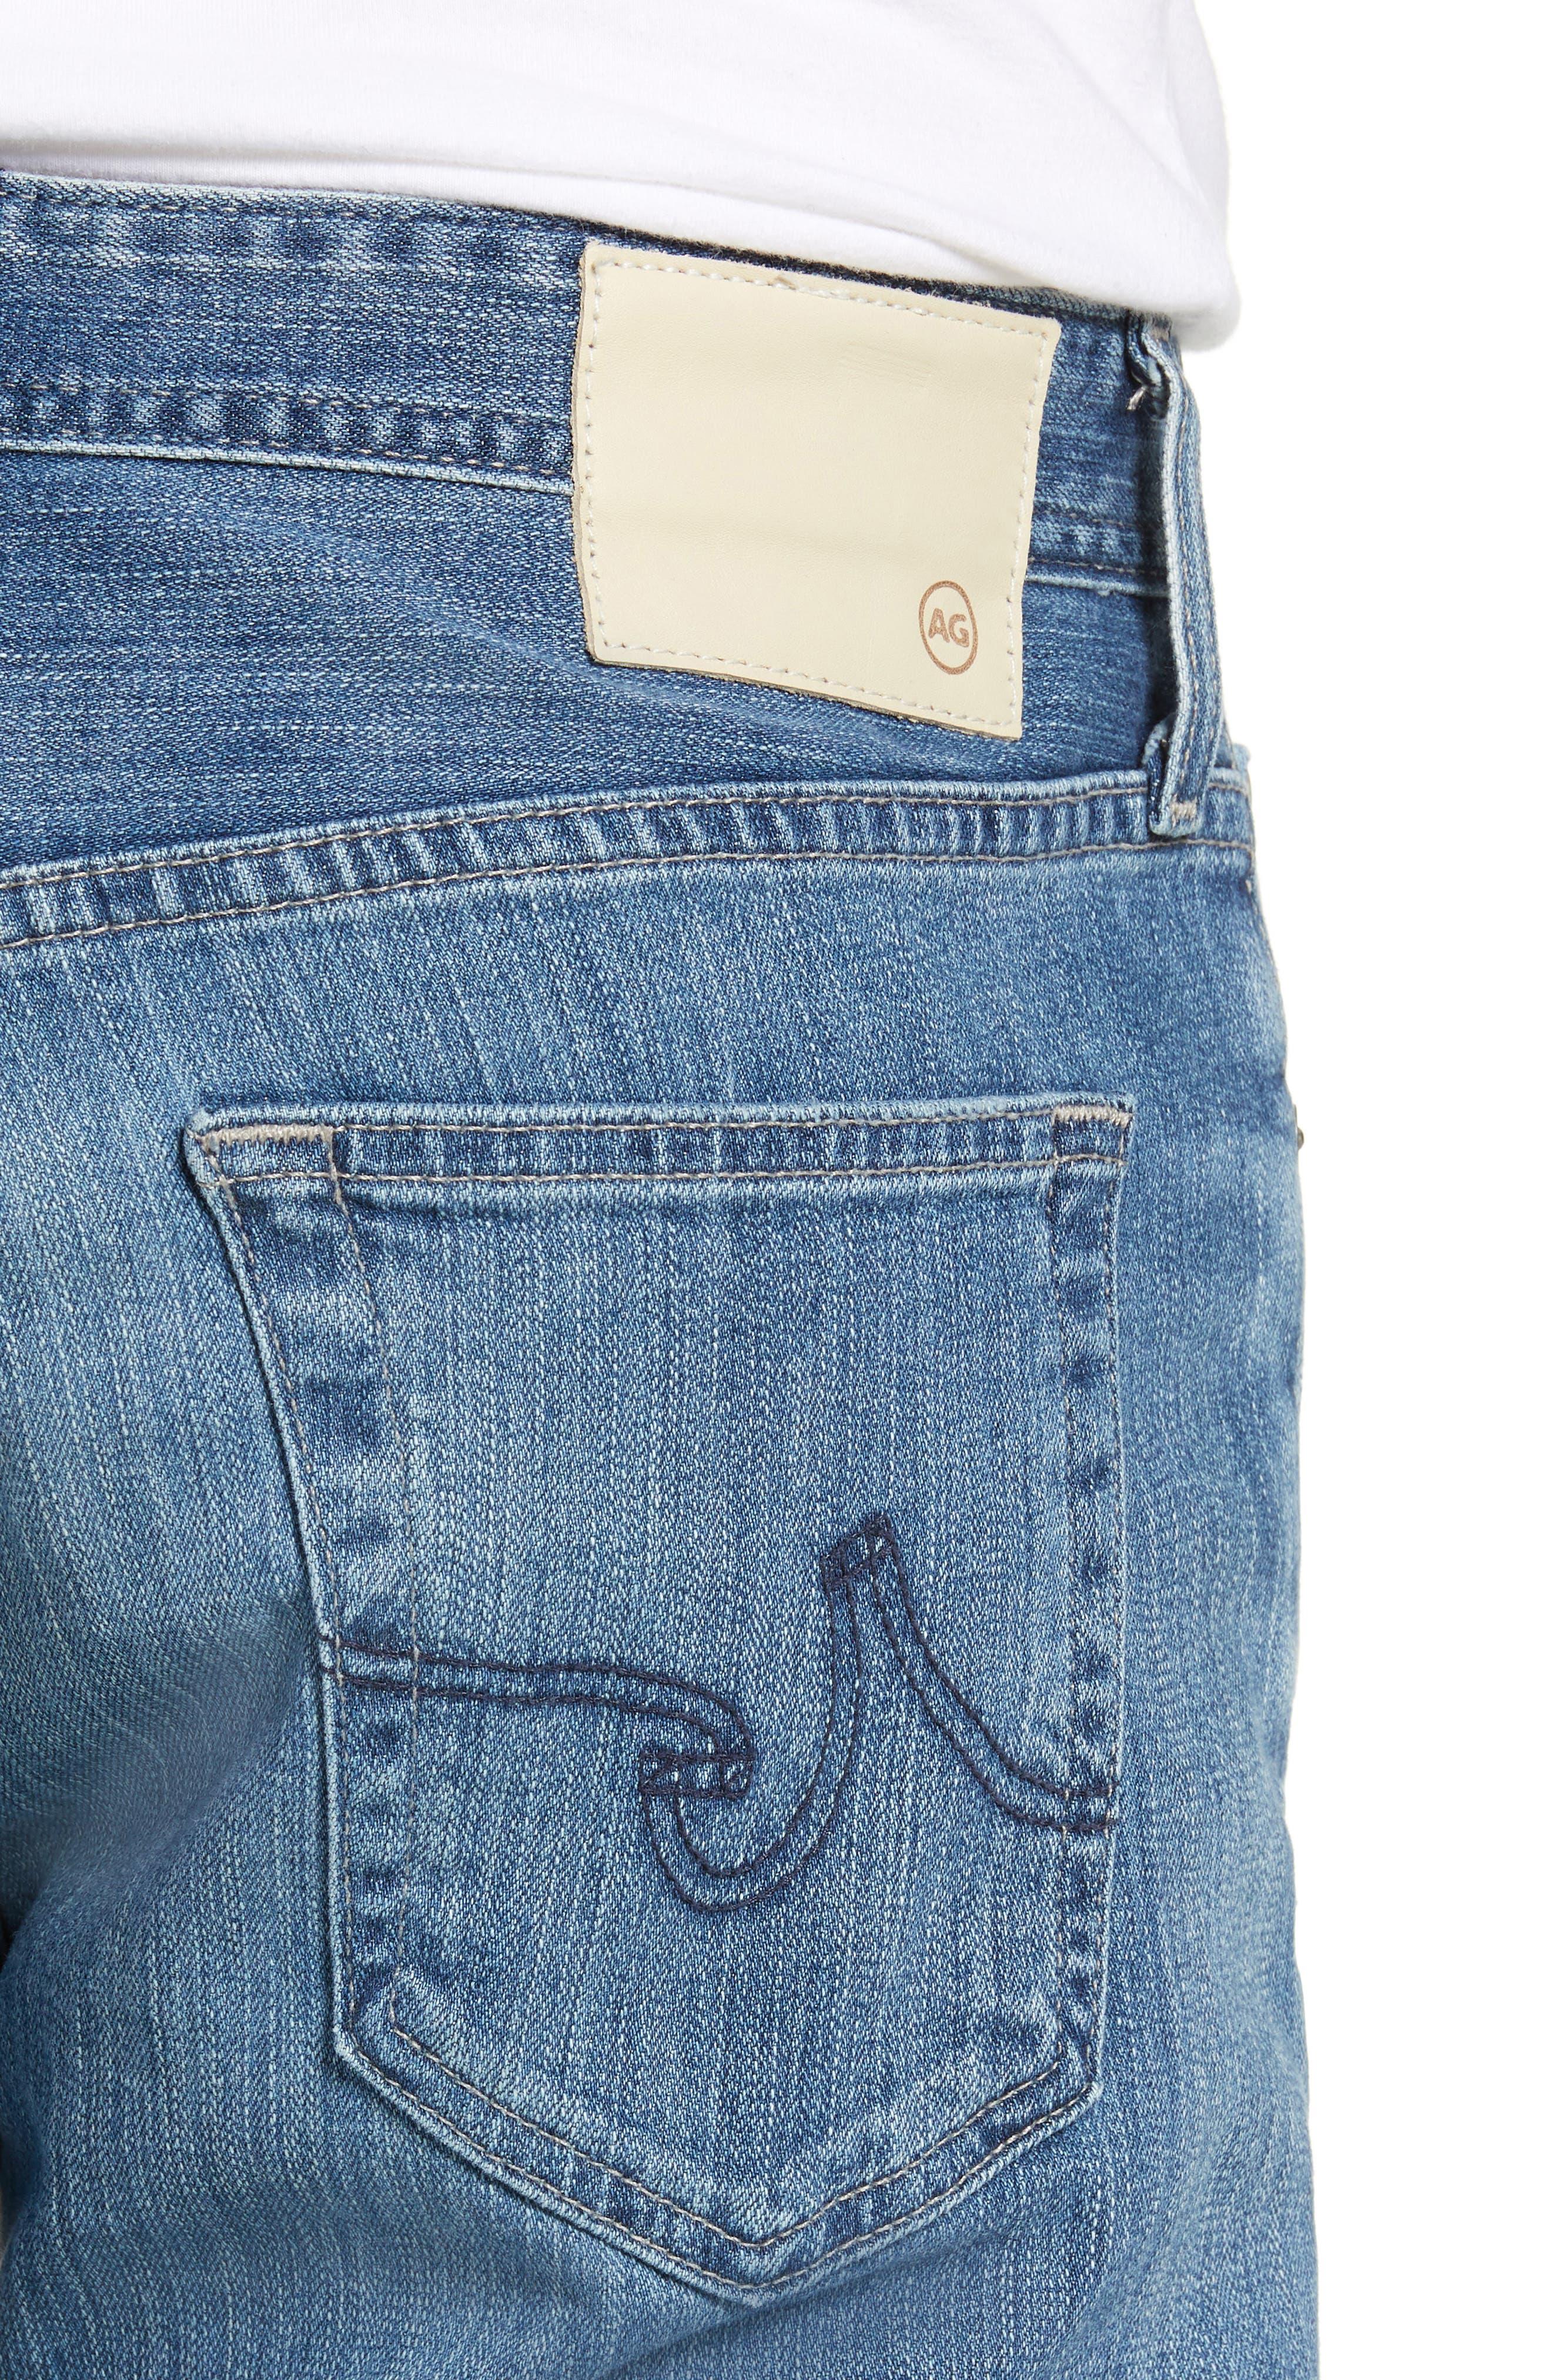 Everett Slim Straight Leg Jeans,                             Alternate thumbnail 4, color,                             14 YEARS ENGAGEMENT